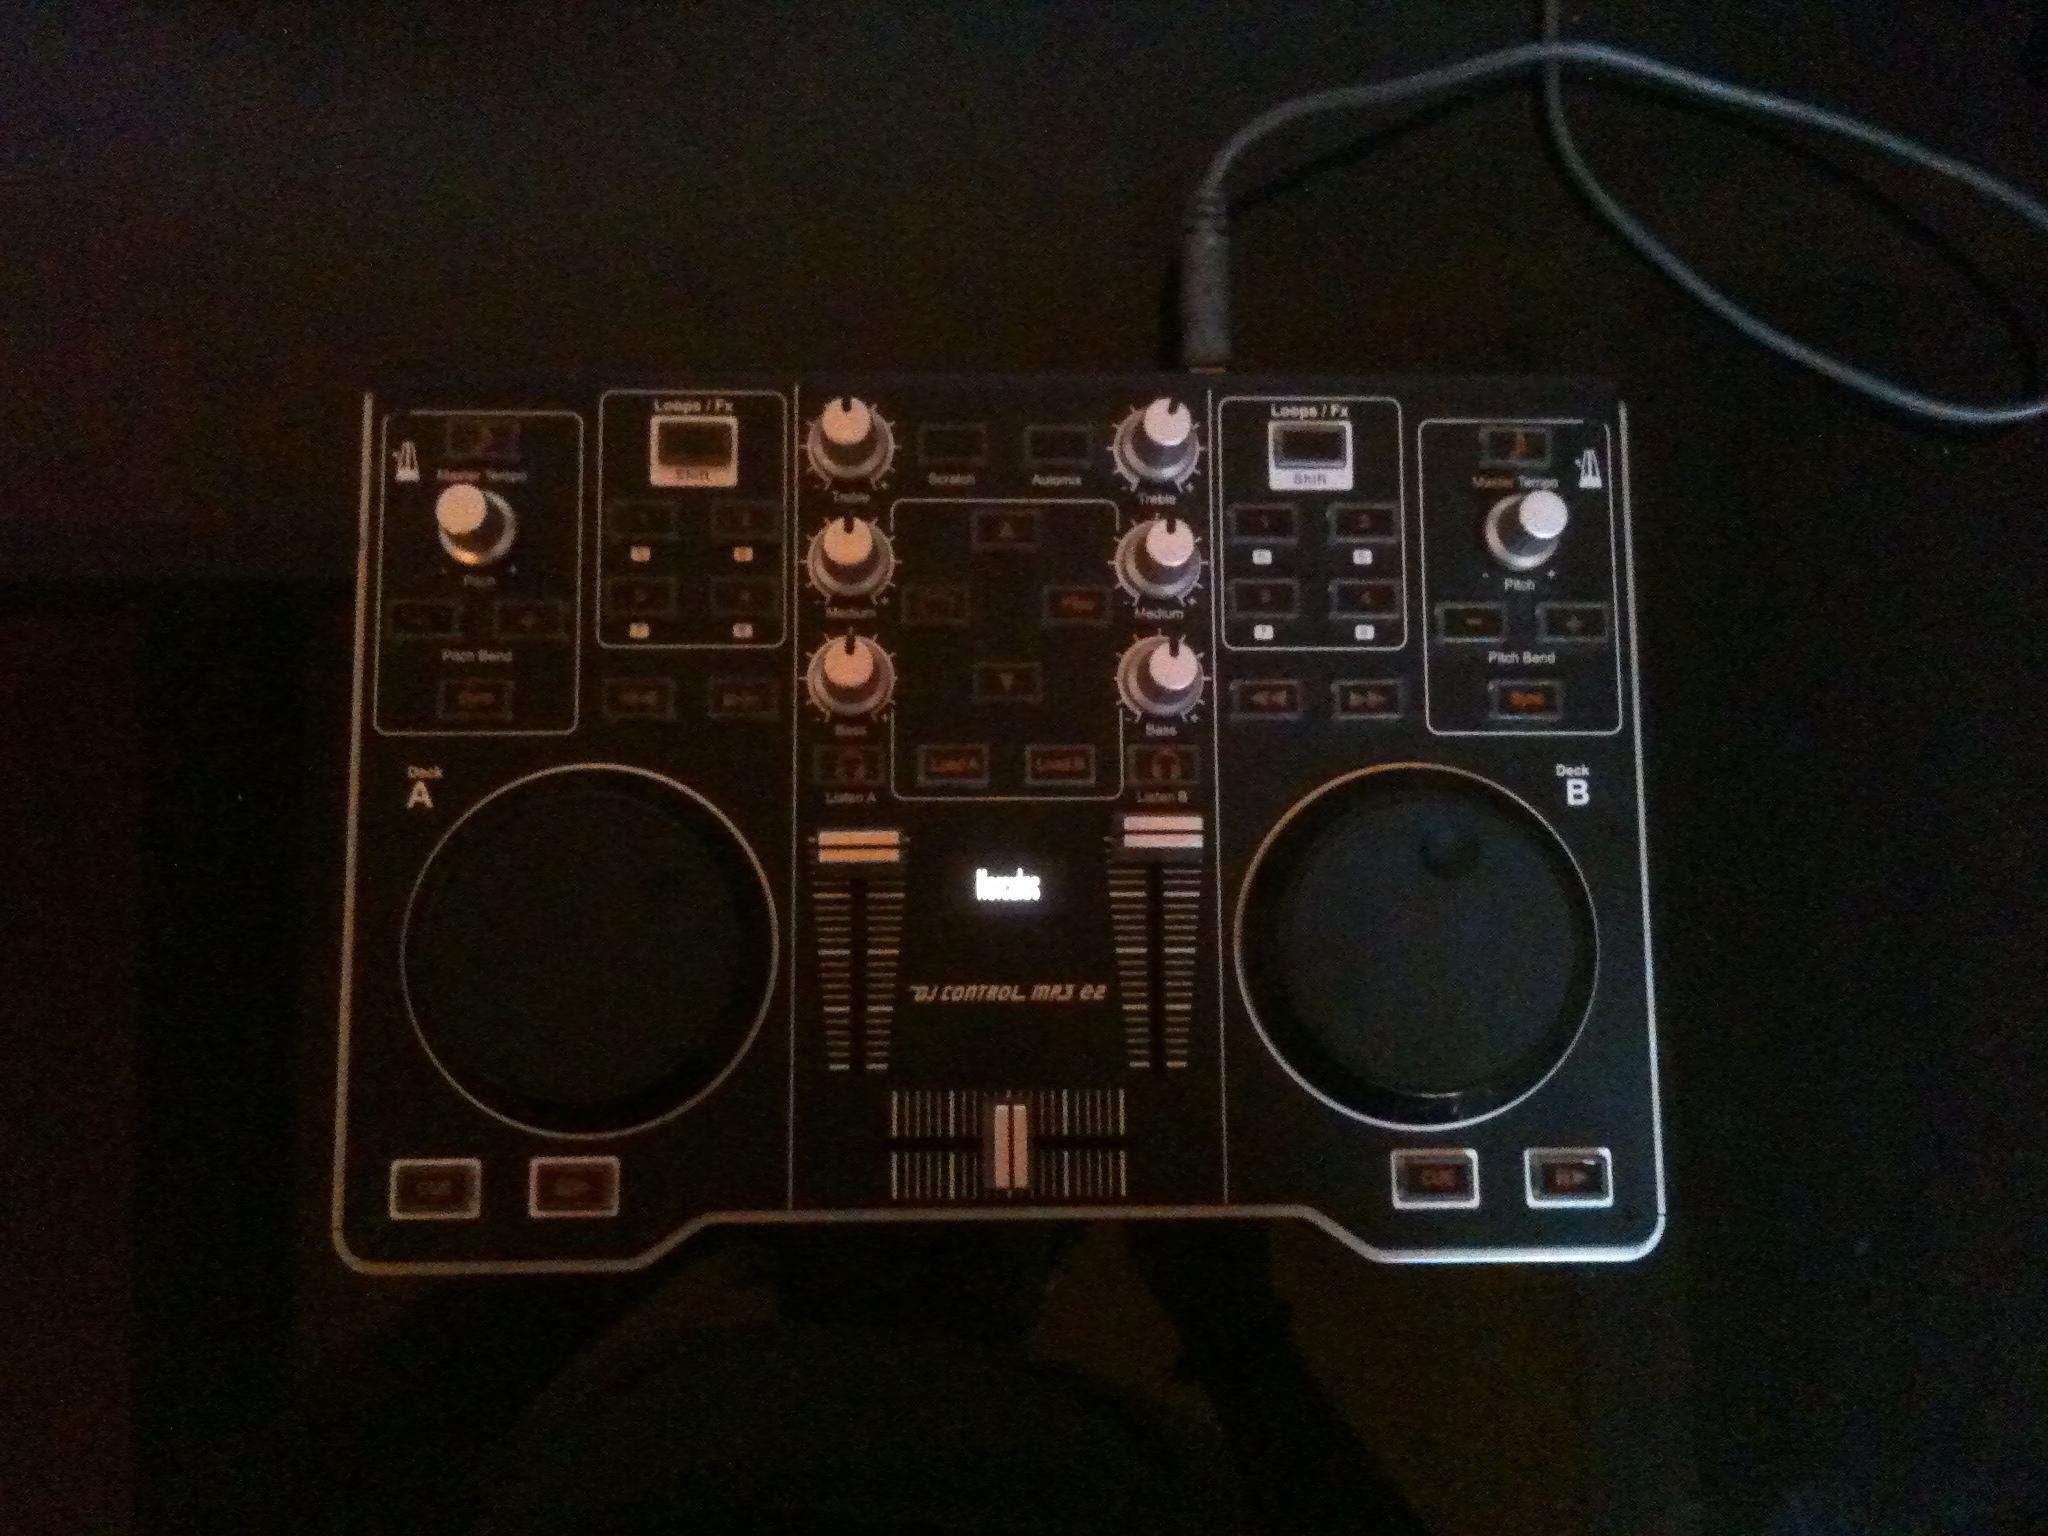 Hercules dj control e2 - Table de mixage hercules dj control mp3 e2 ...